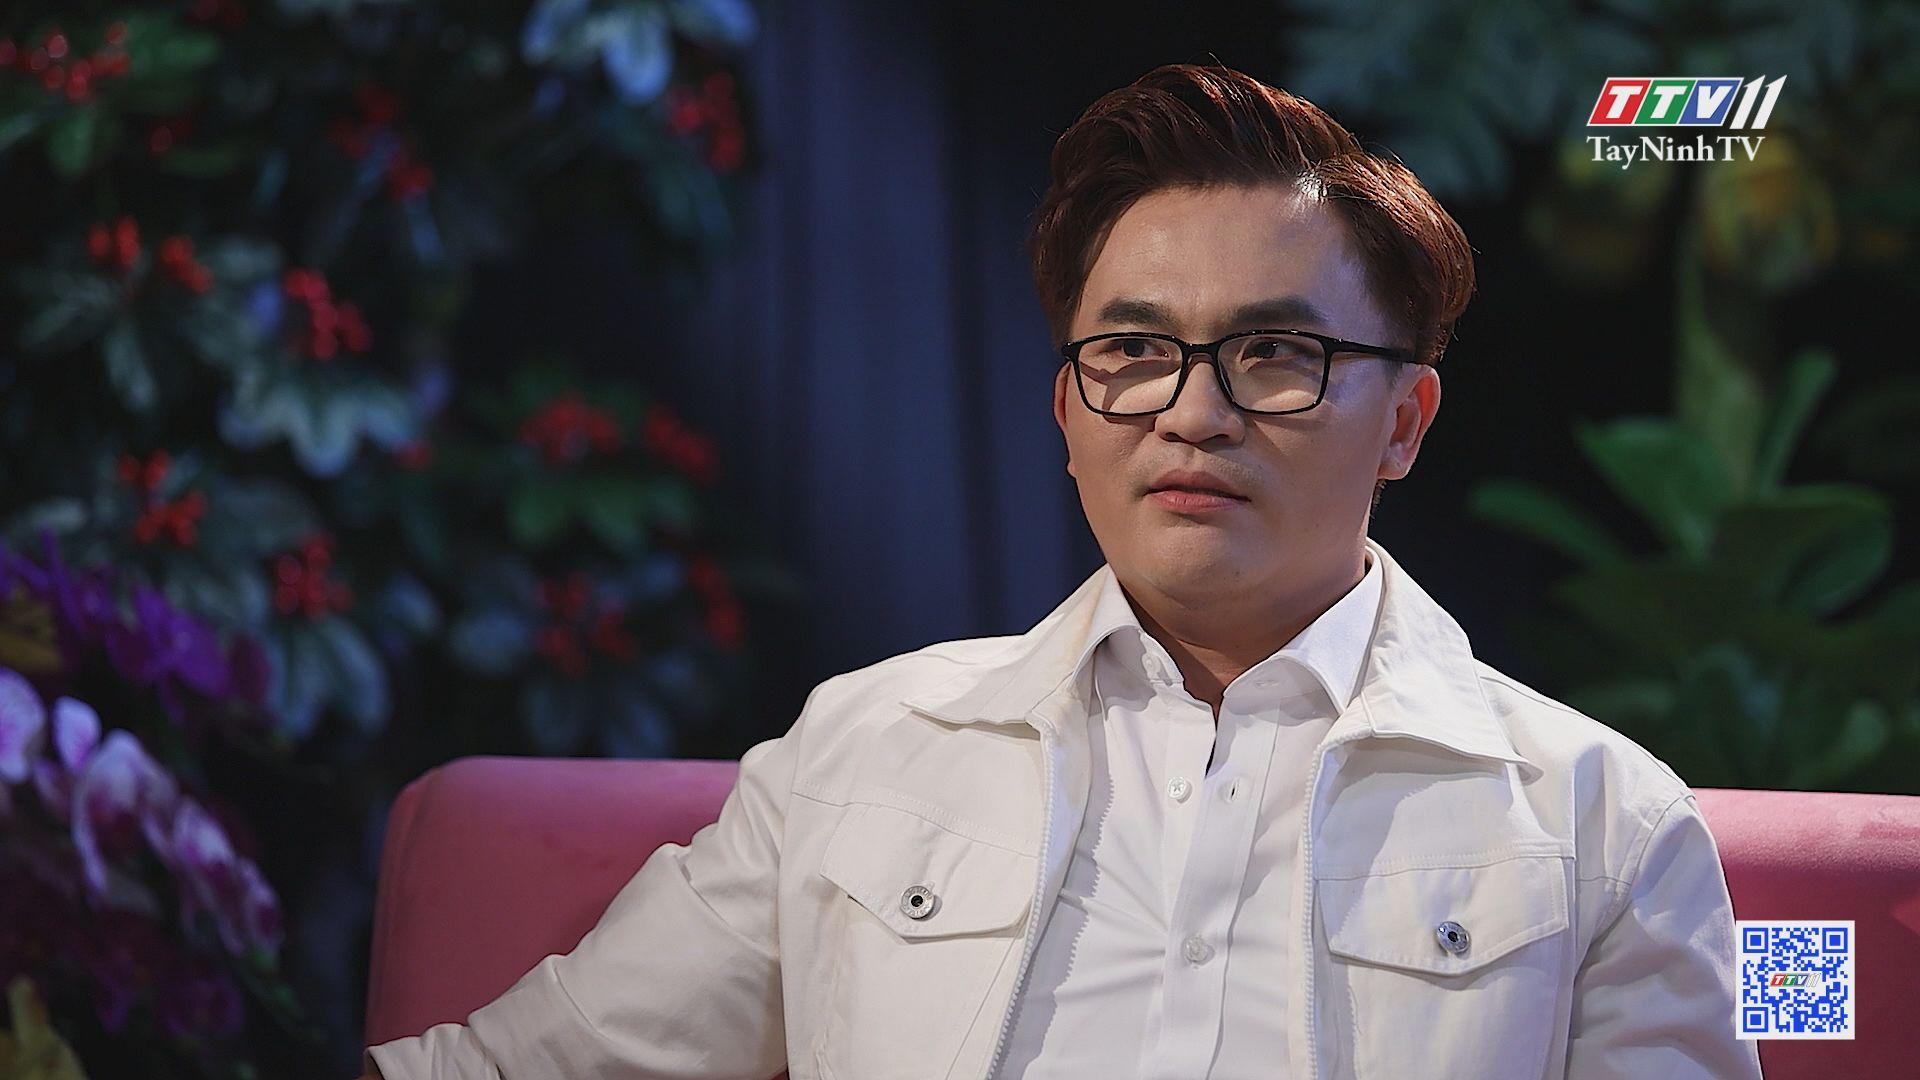 Tập 14 năm 2021_Nghệ sĩ Đại Nghĩa tiết lộ cơ duyên trở thành người dẫn chương trình truyền hình | HẠNH PHÚC Ở ĐÂU | TayNinhTV